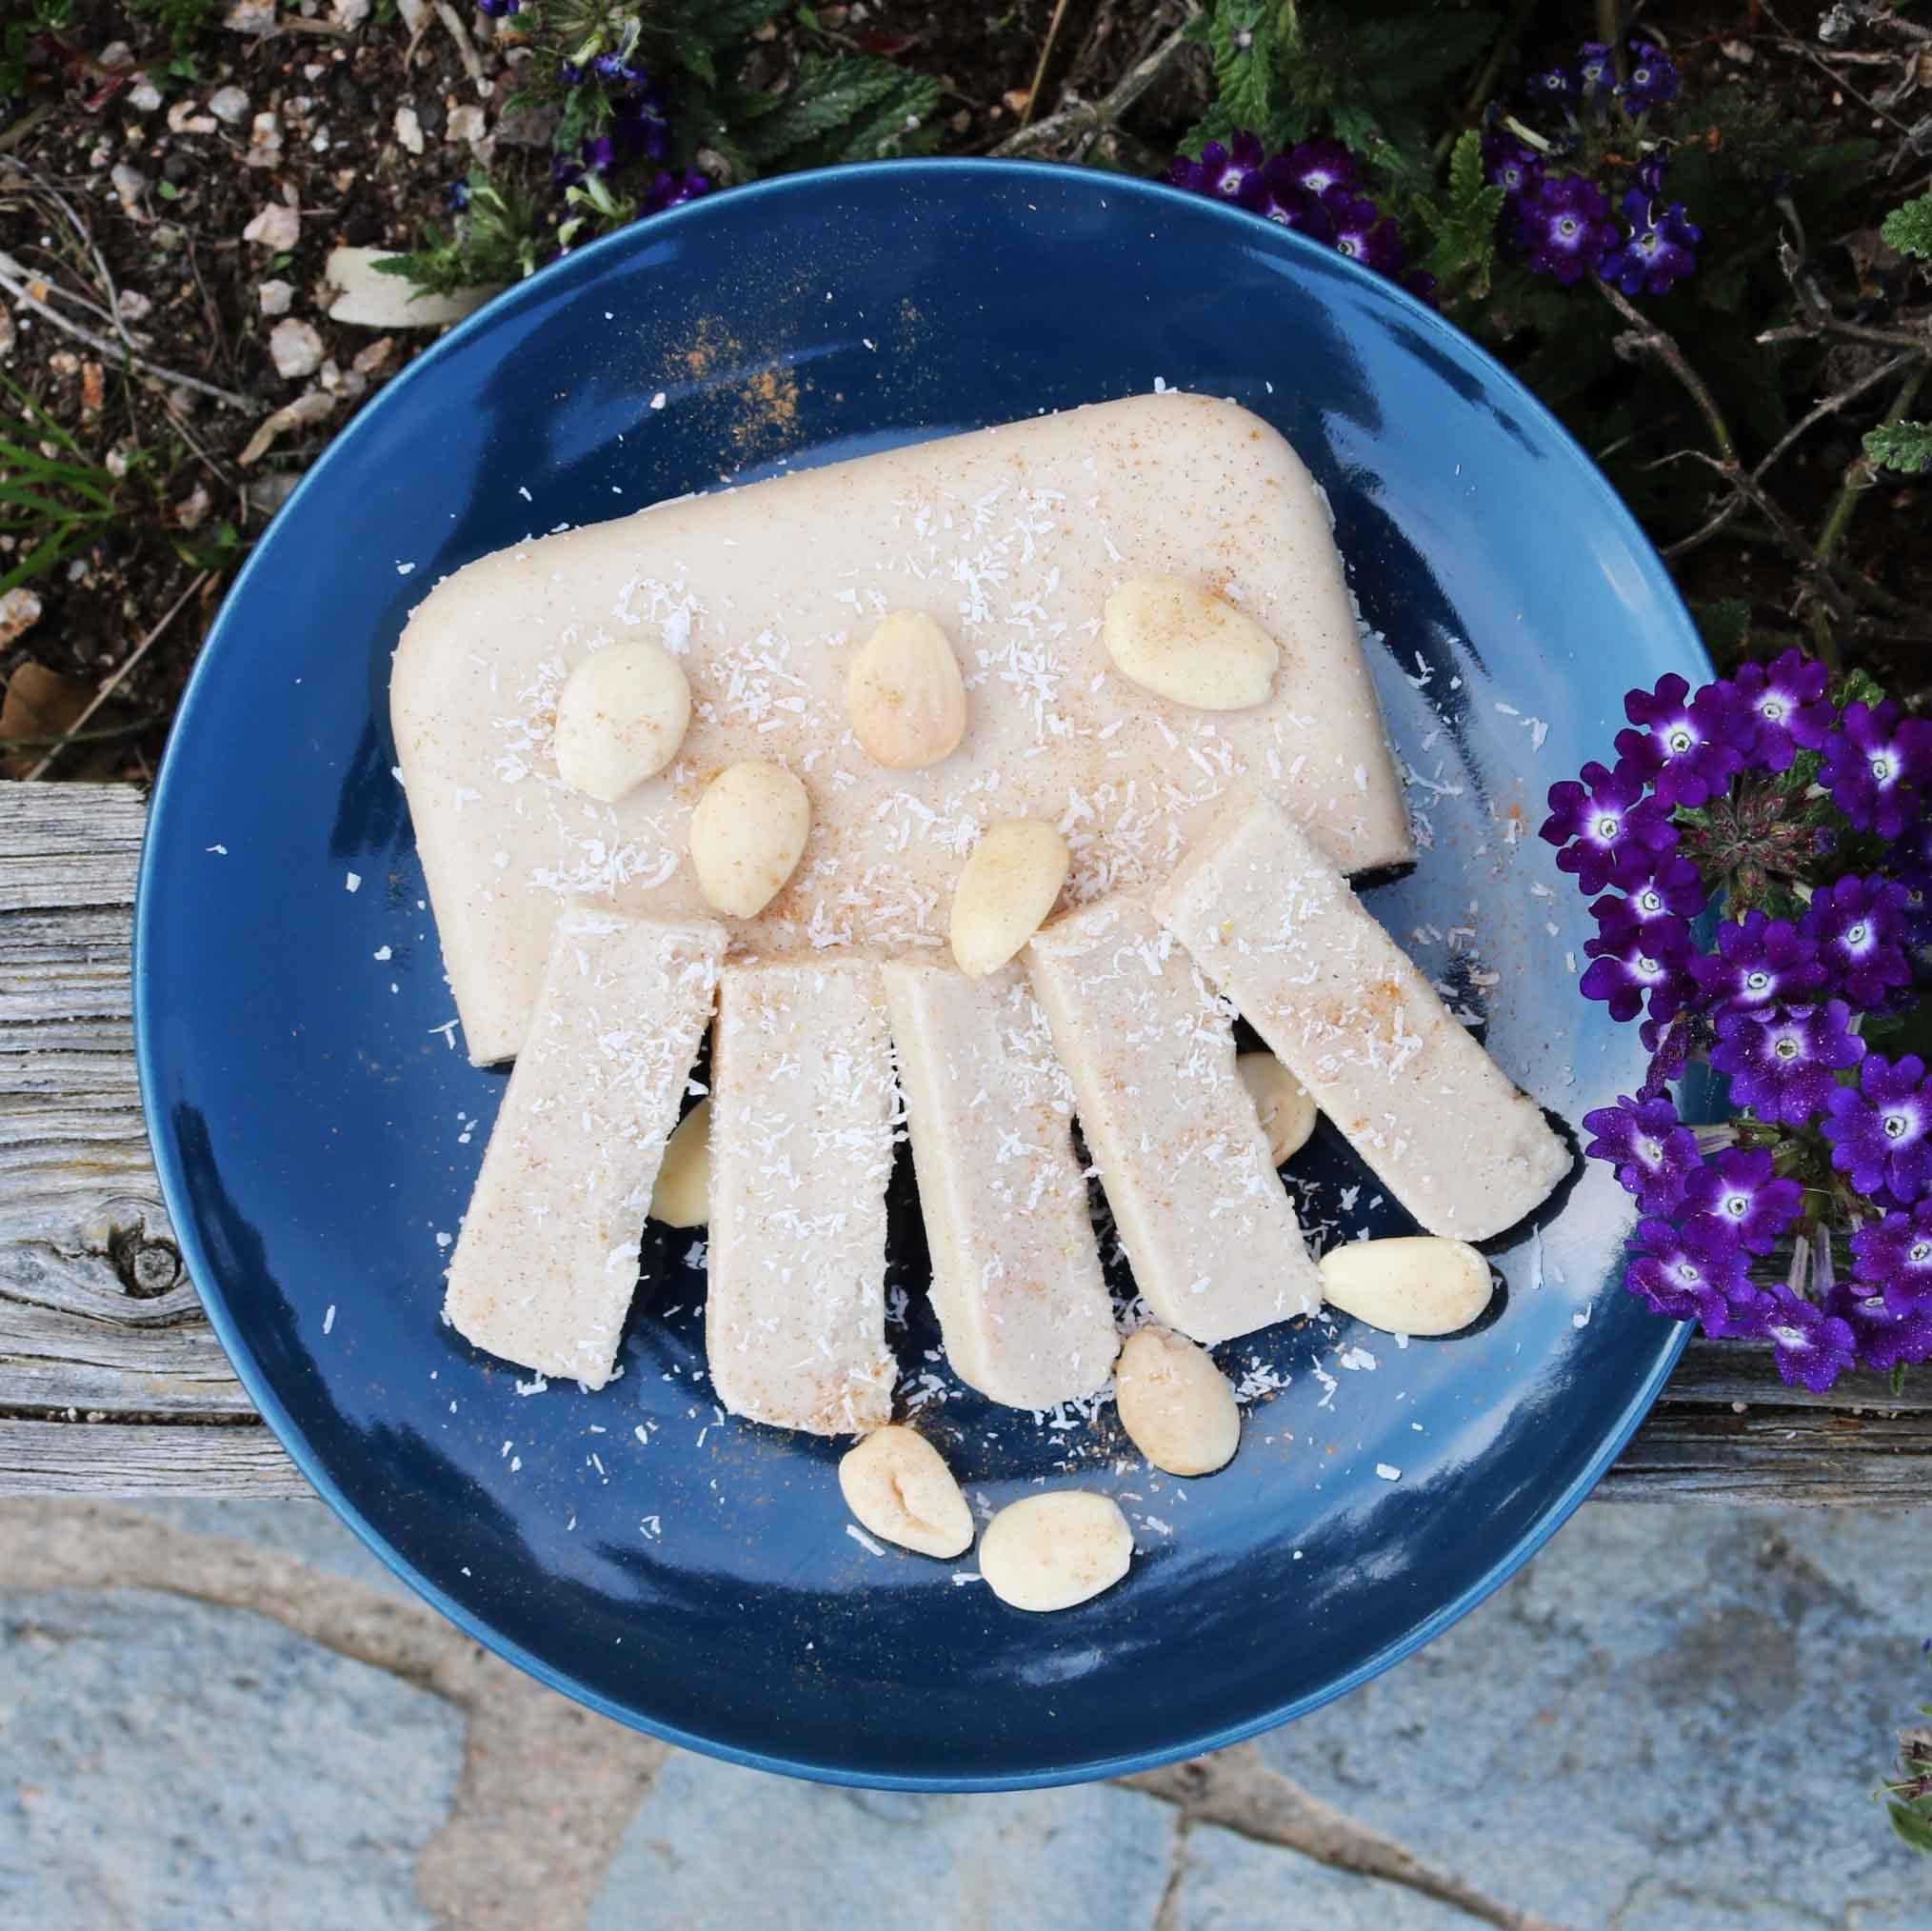 Receta de turrón vegano de coco y almendras con estevia sin azúcar